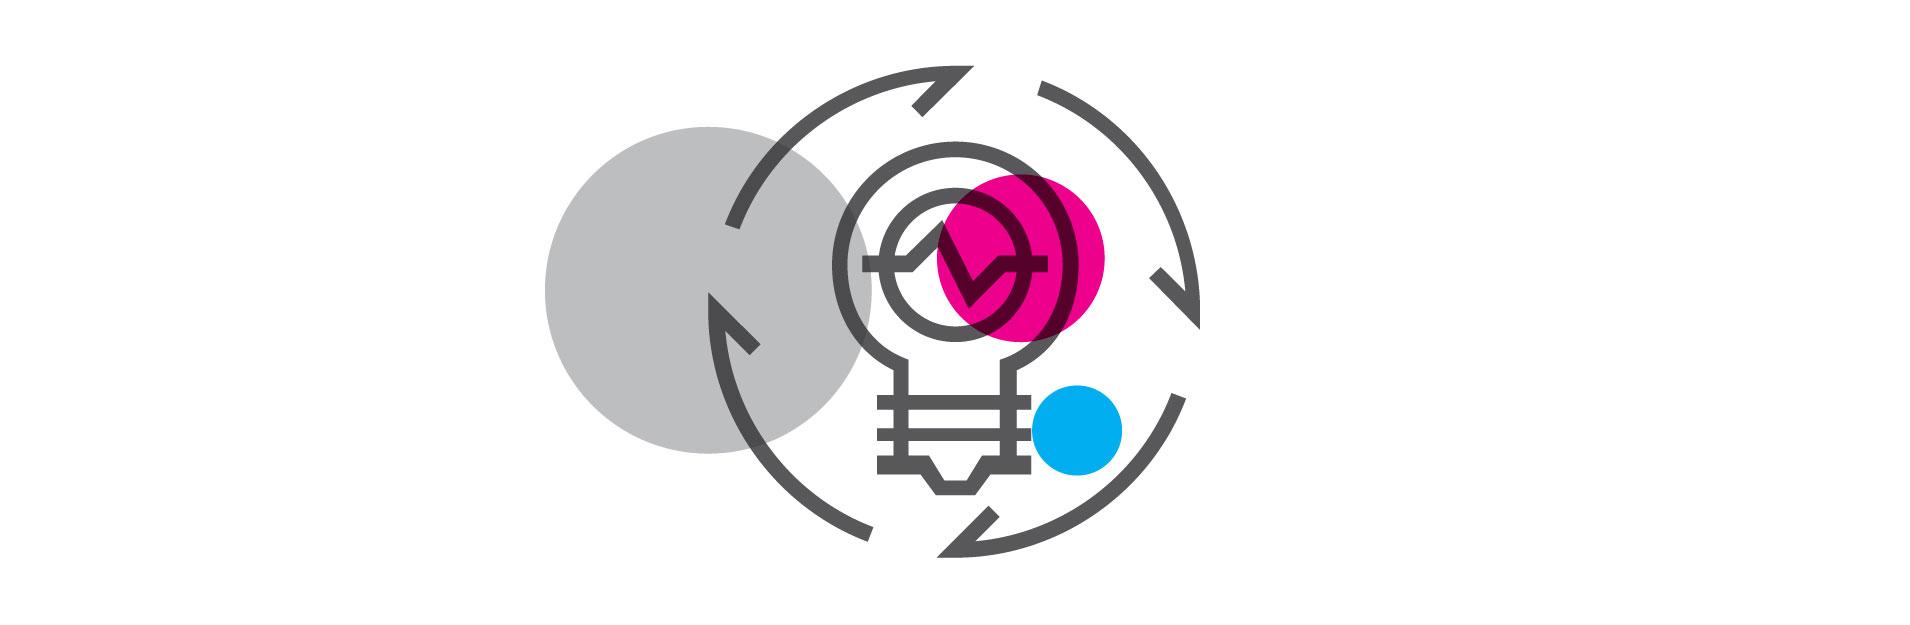 surabaya web design layanan planning bisnis rumah makan